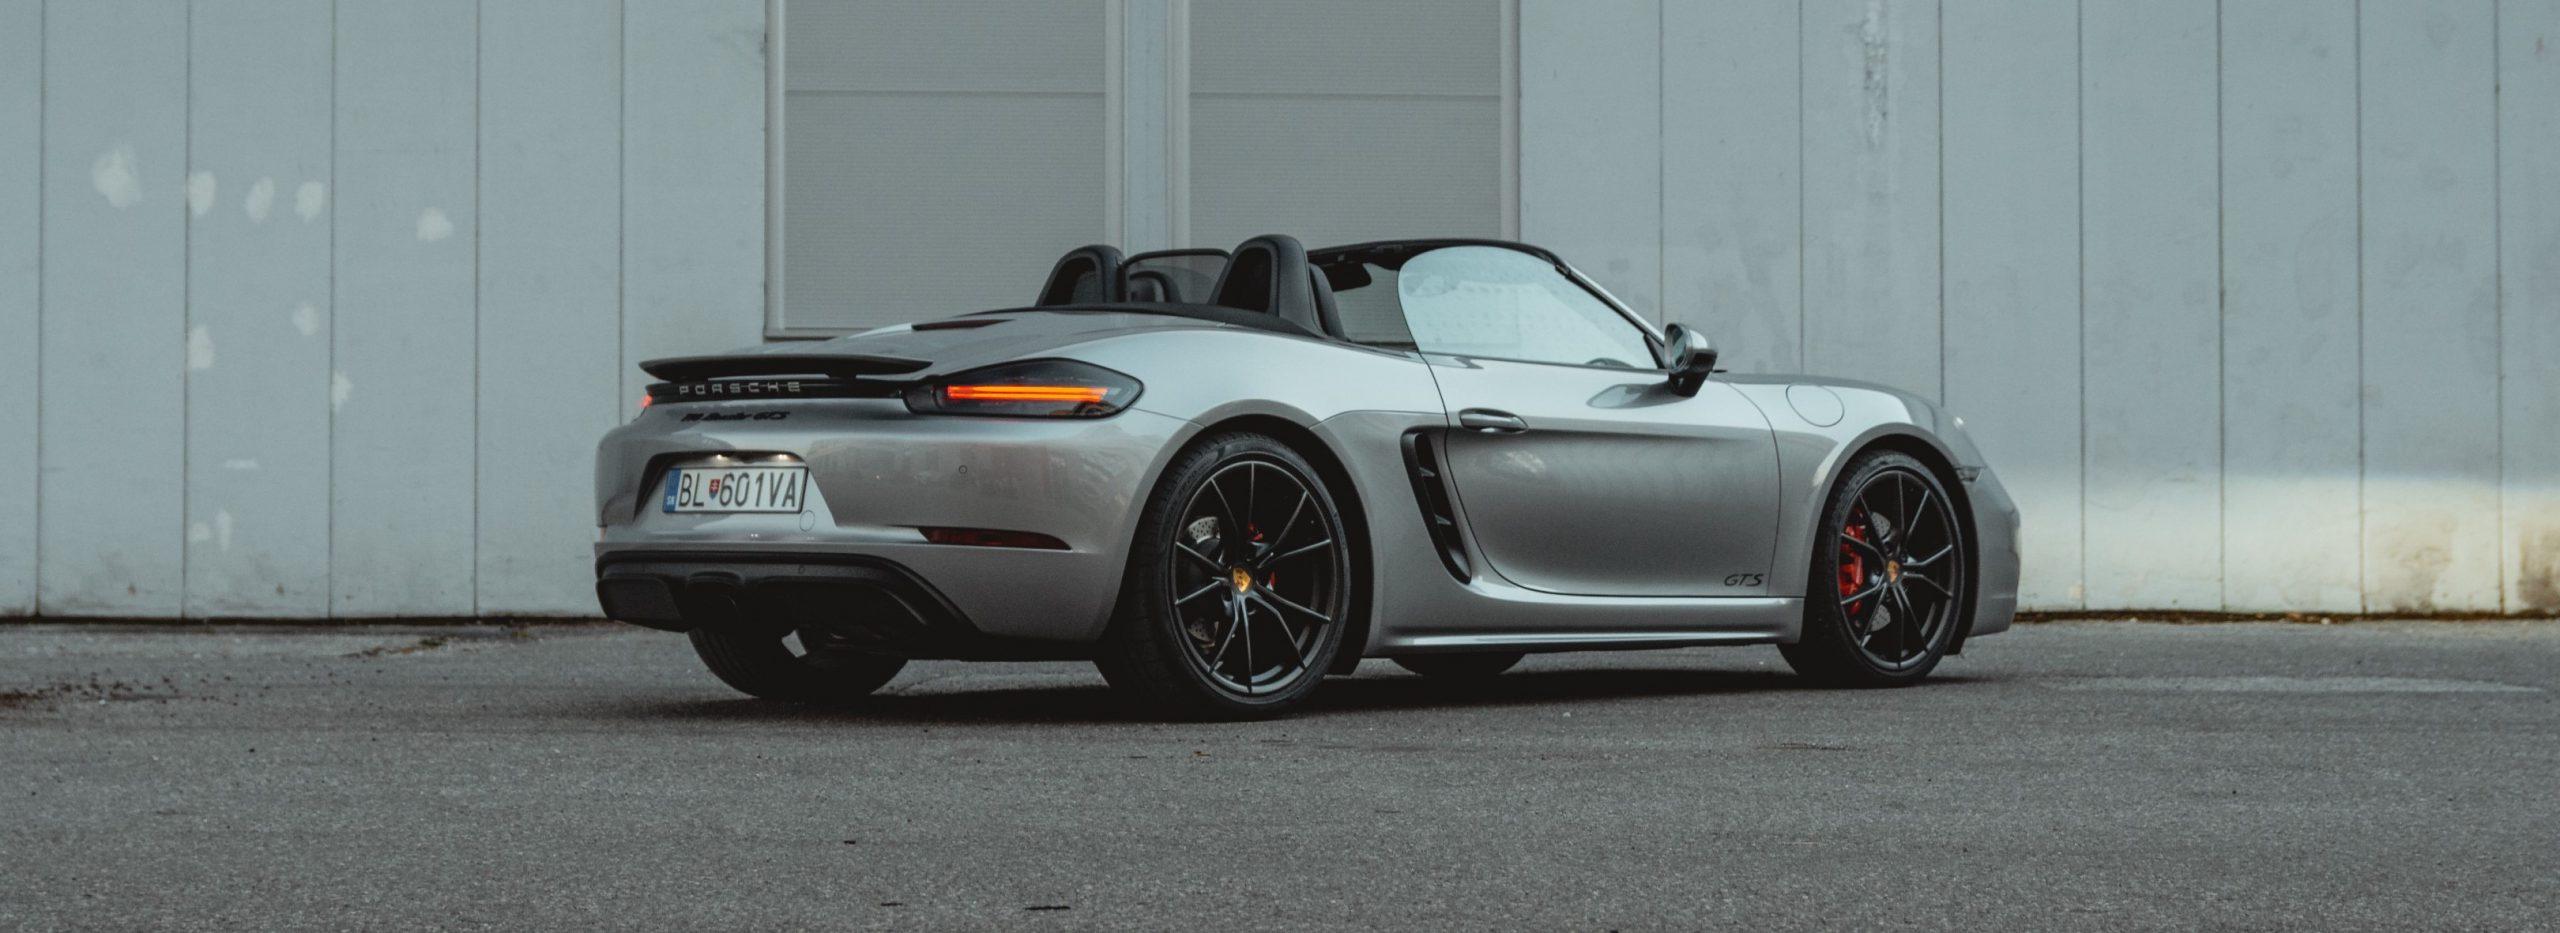 Grey Porsche 718 Boxster